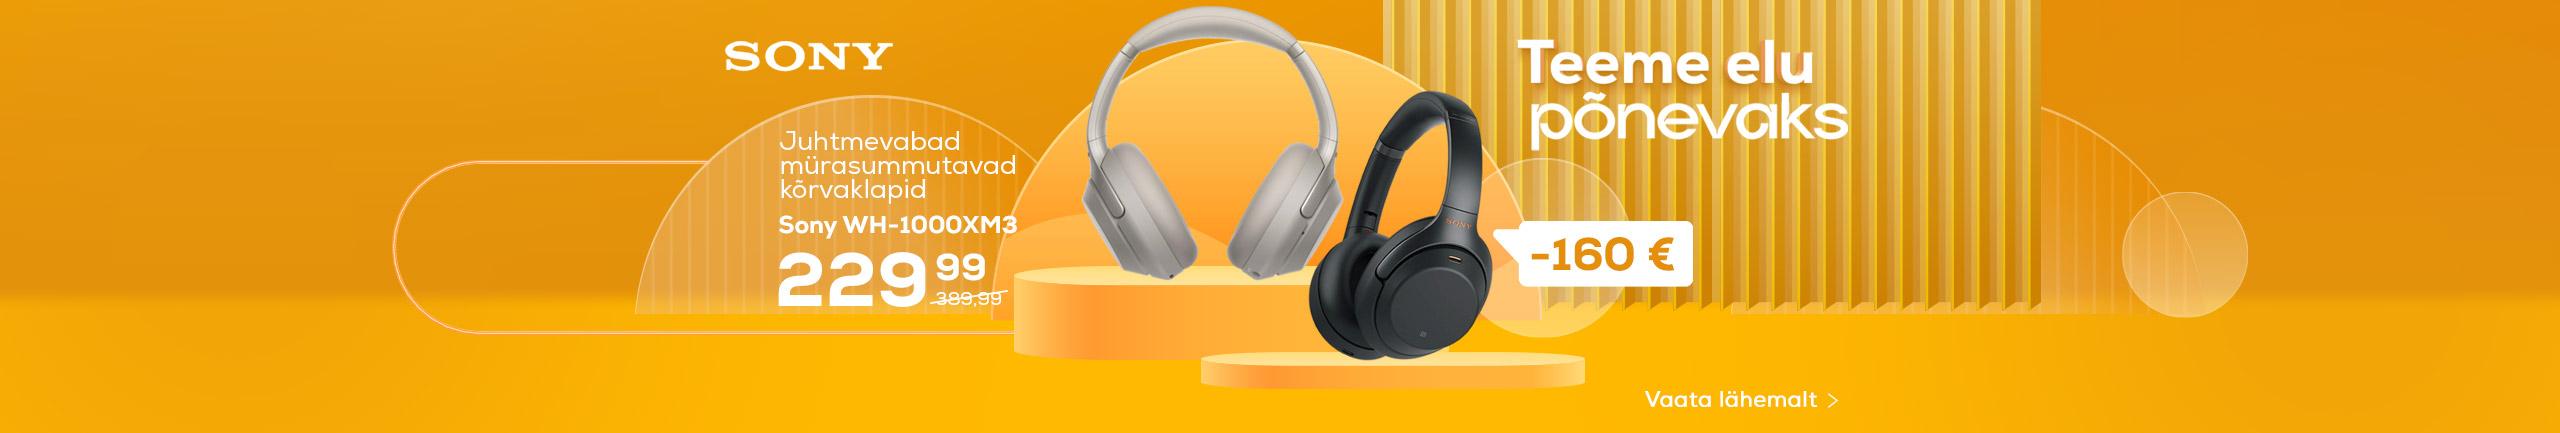 NPL Teeme elu lihtsaks, juhtmevabad kõrvaklapid Sony